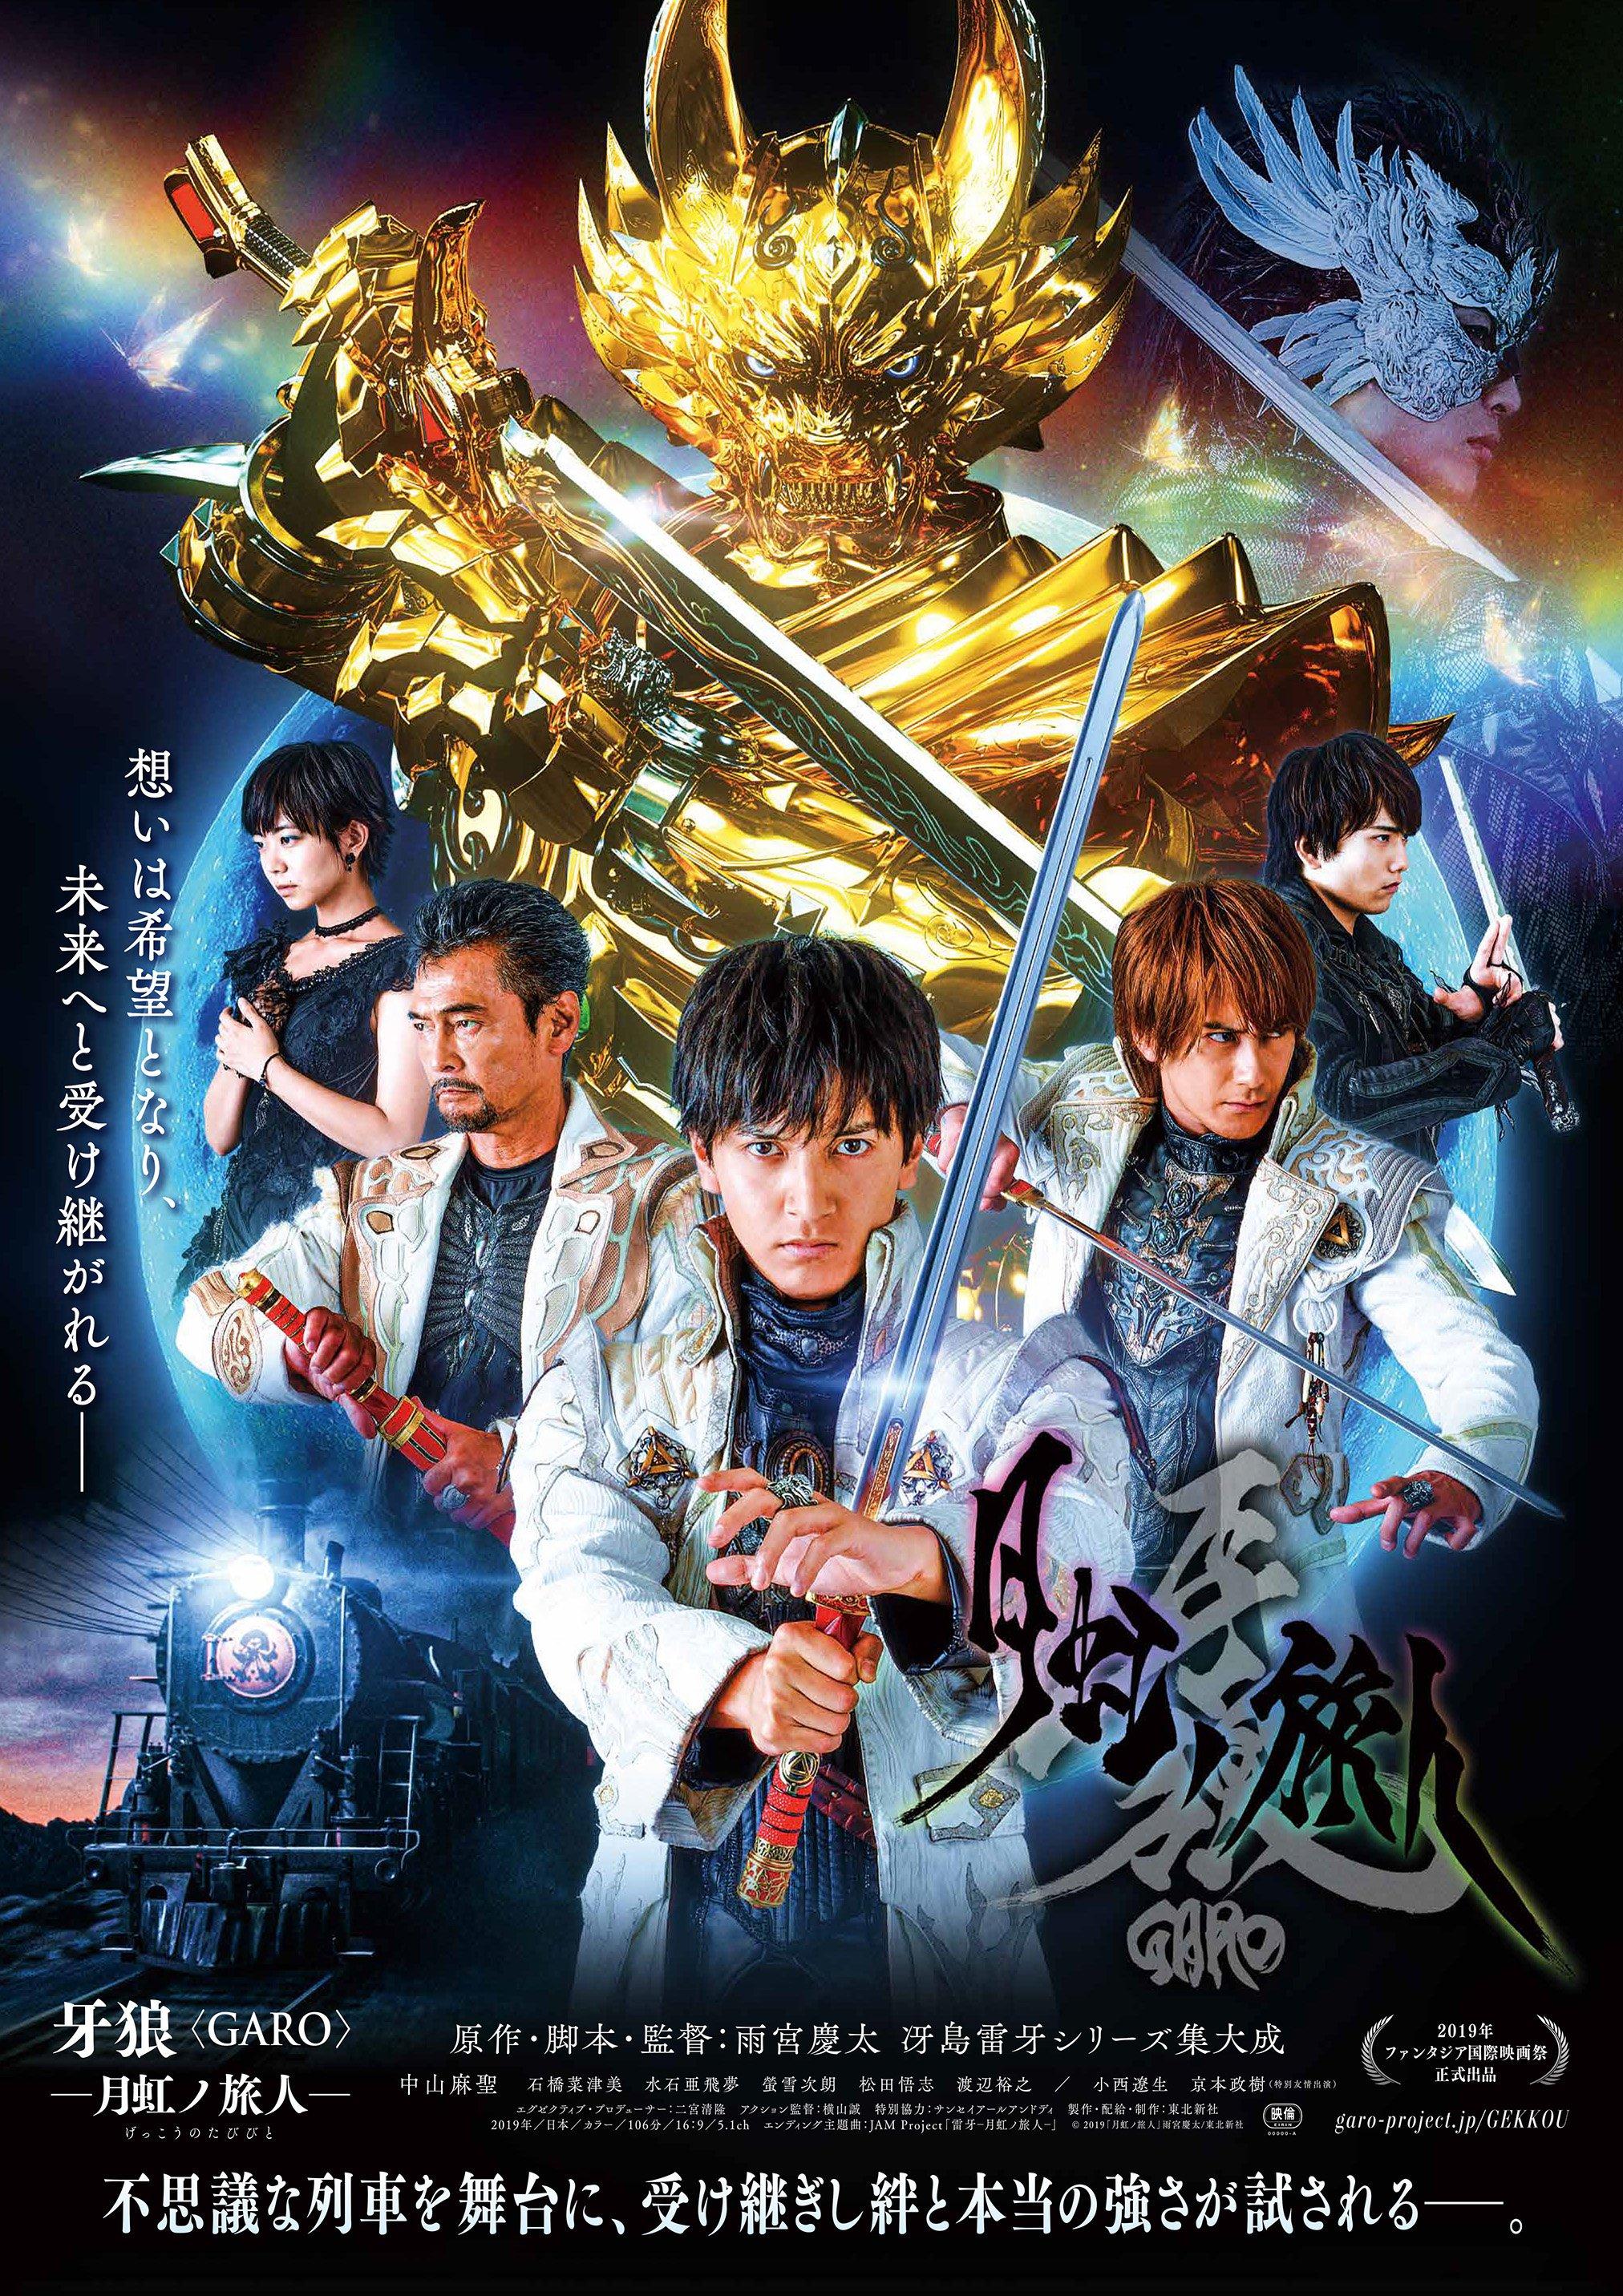 Garo: Moonbow Traveler Trailer Released - Kouga Returns! - Tokunation